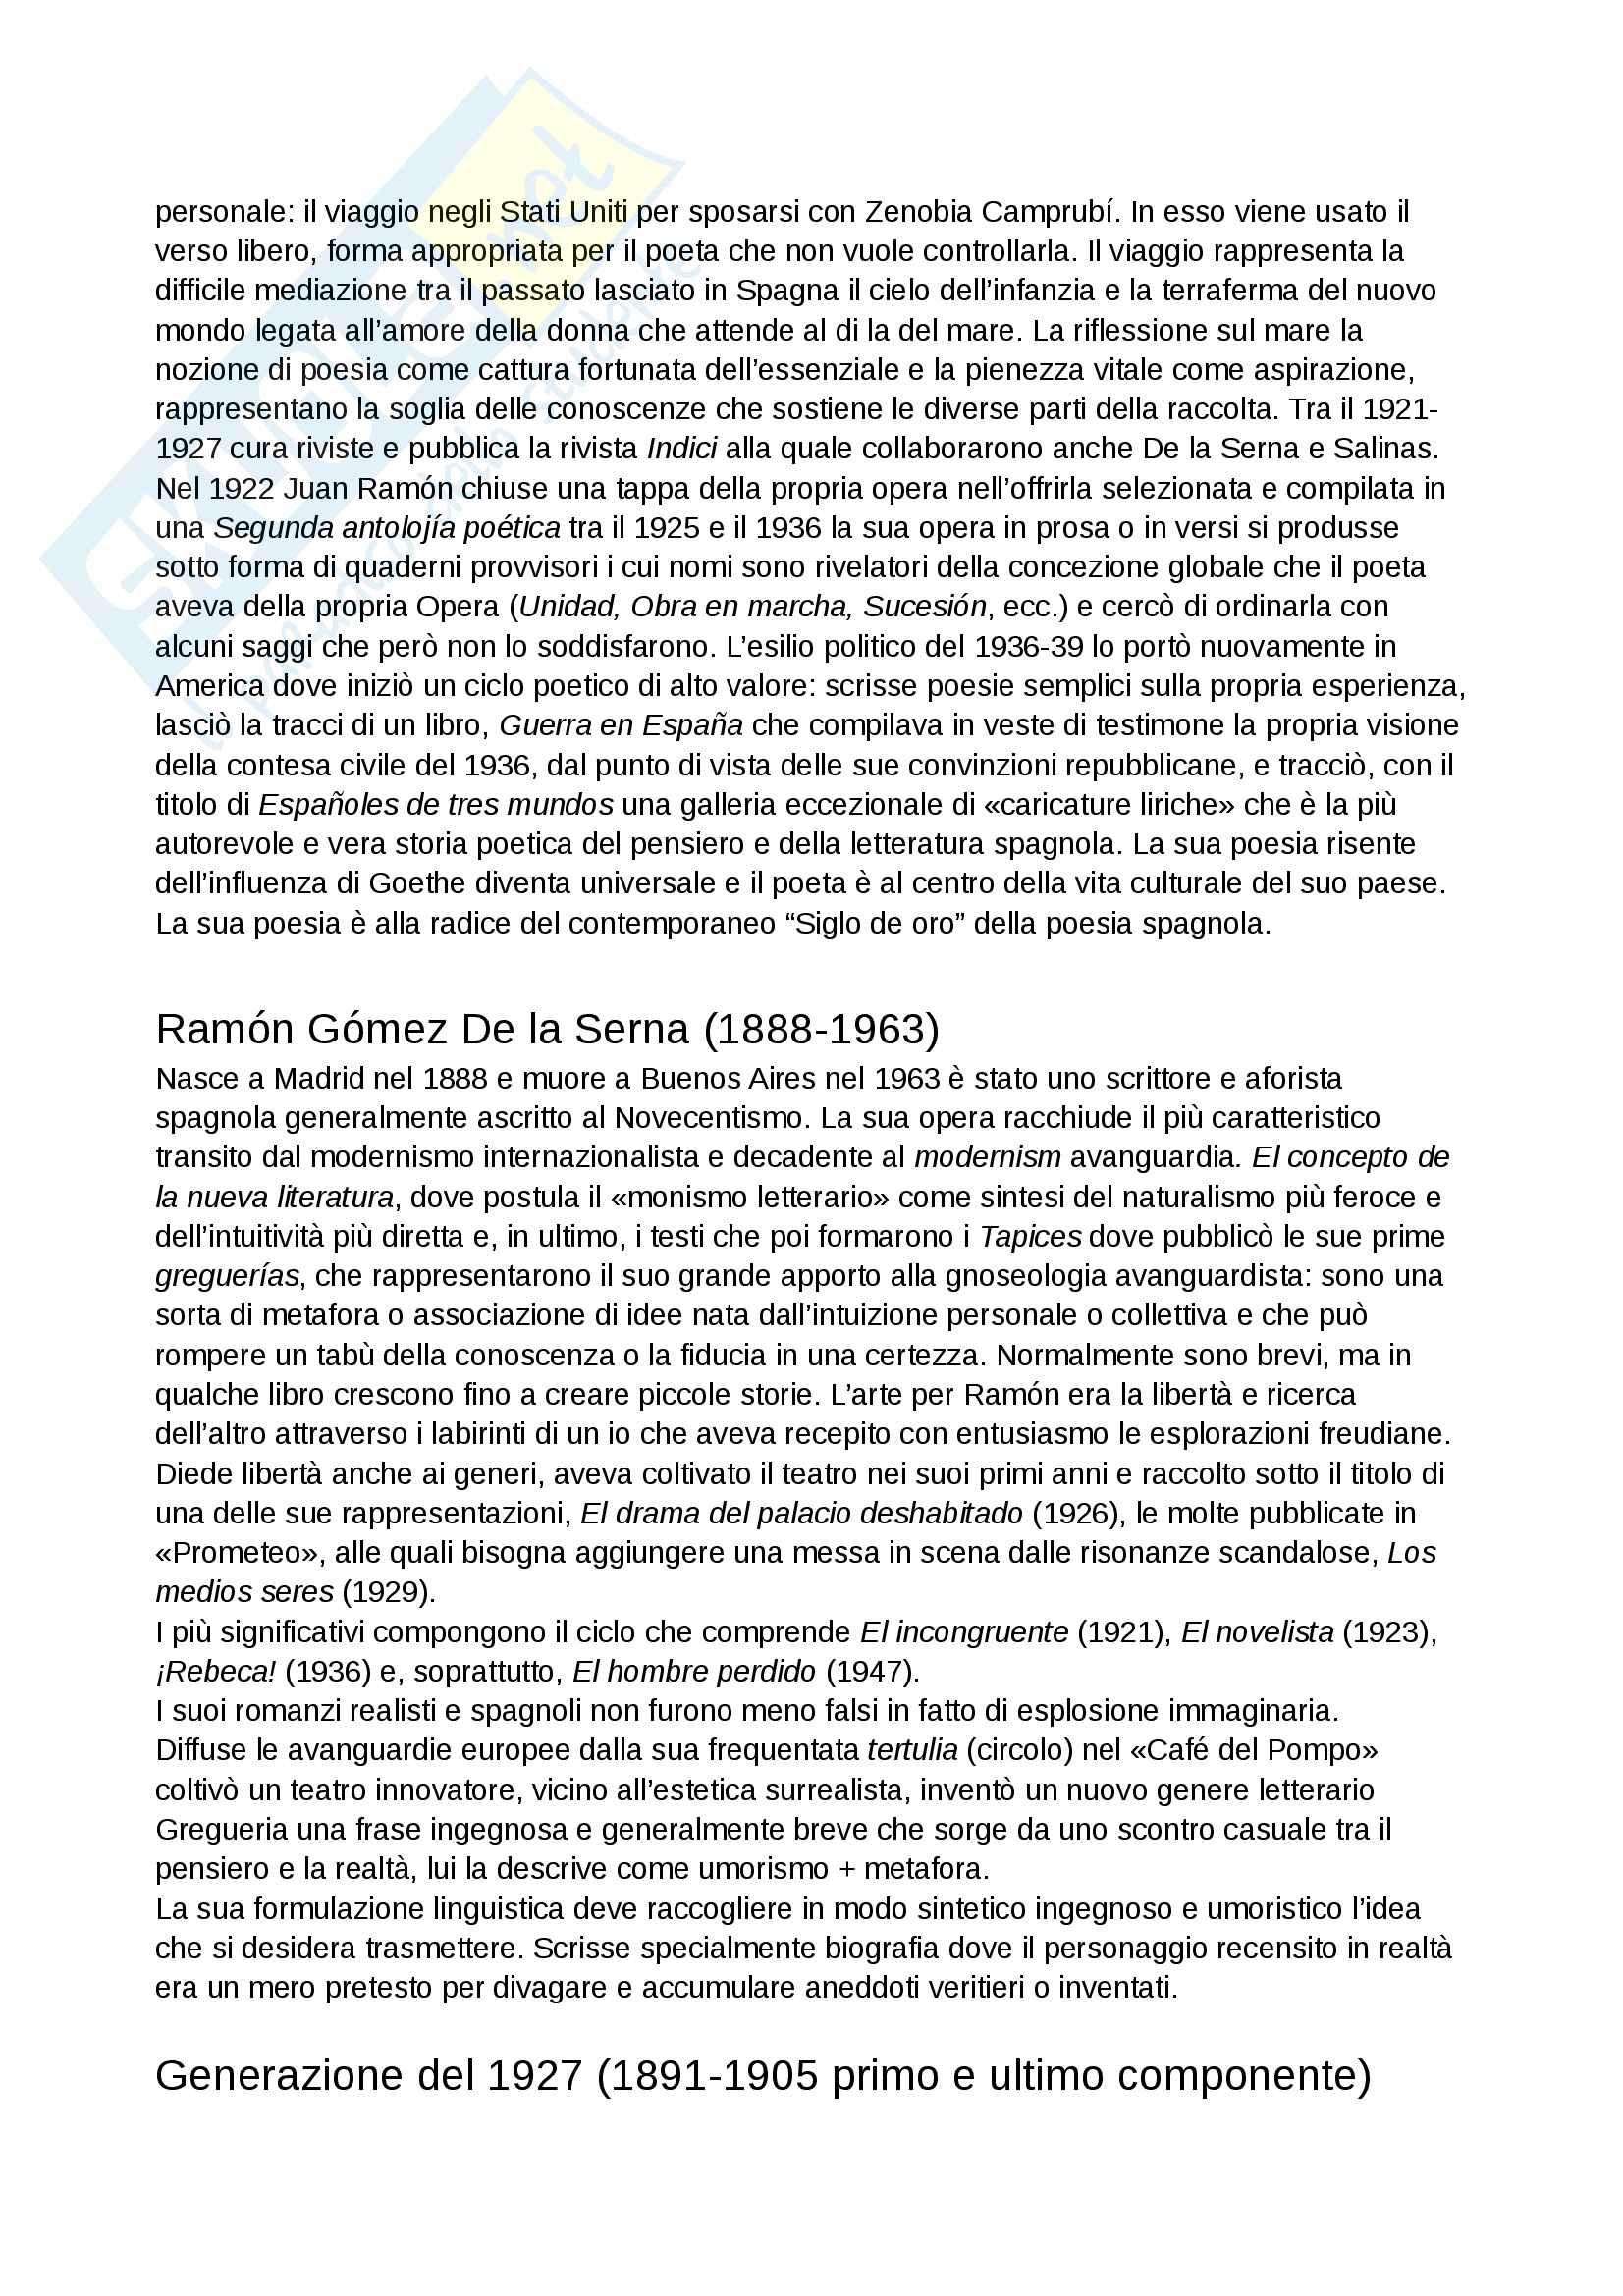 Spagna del XX secolo Pag. 6